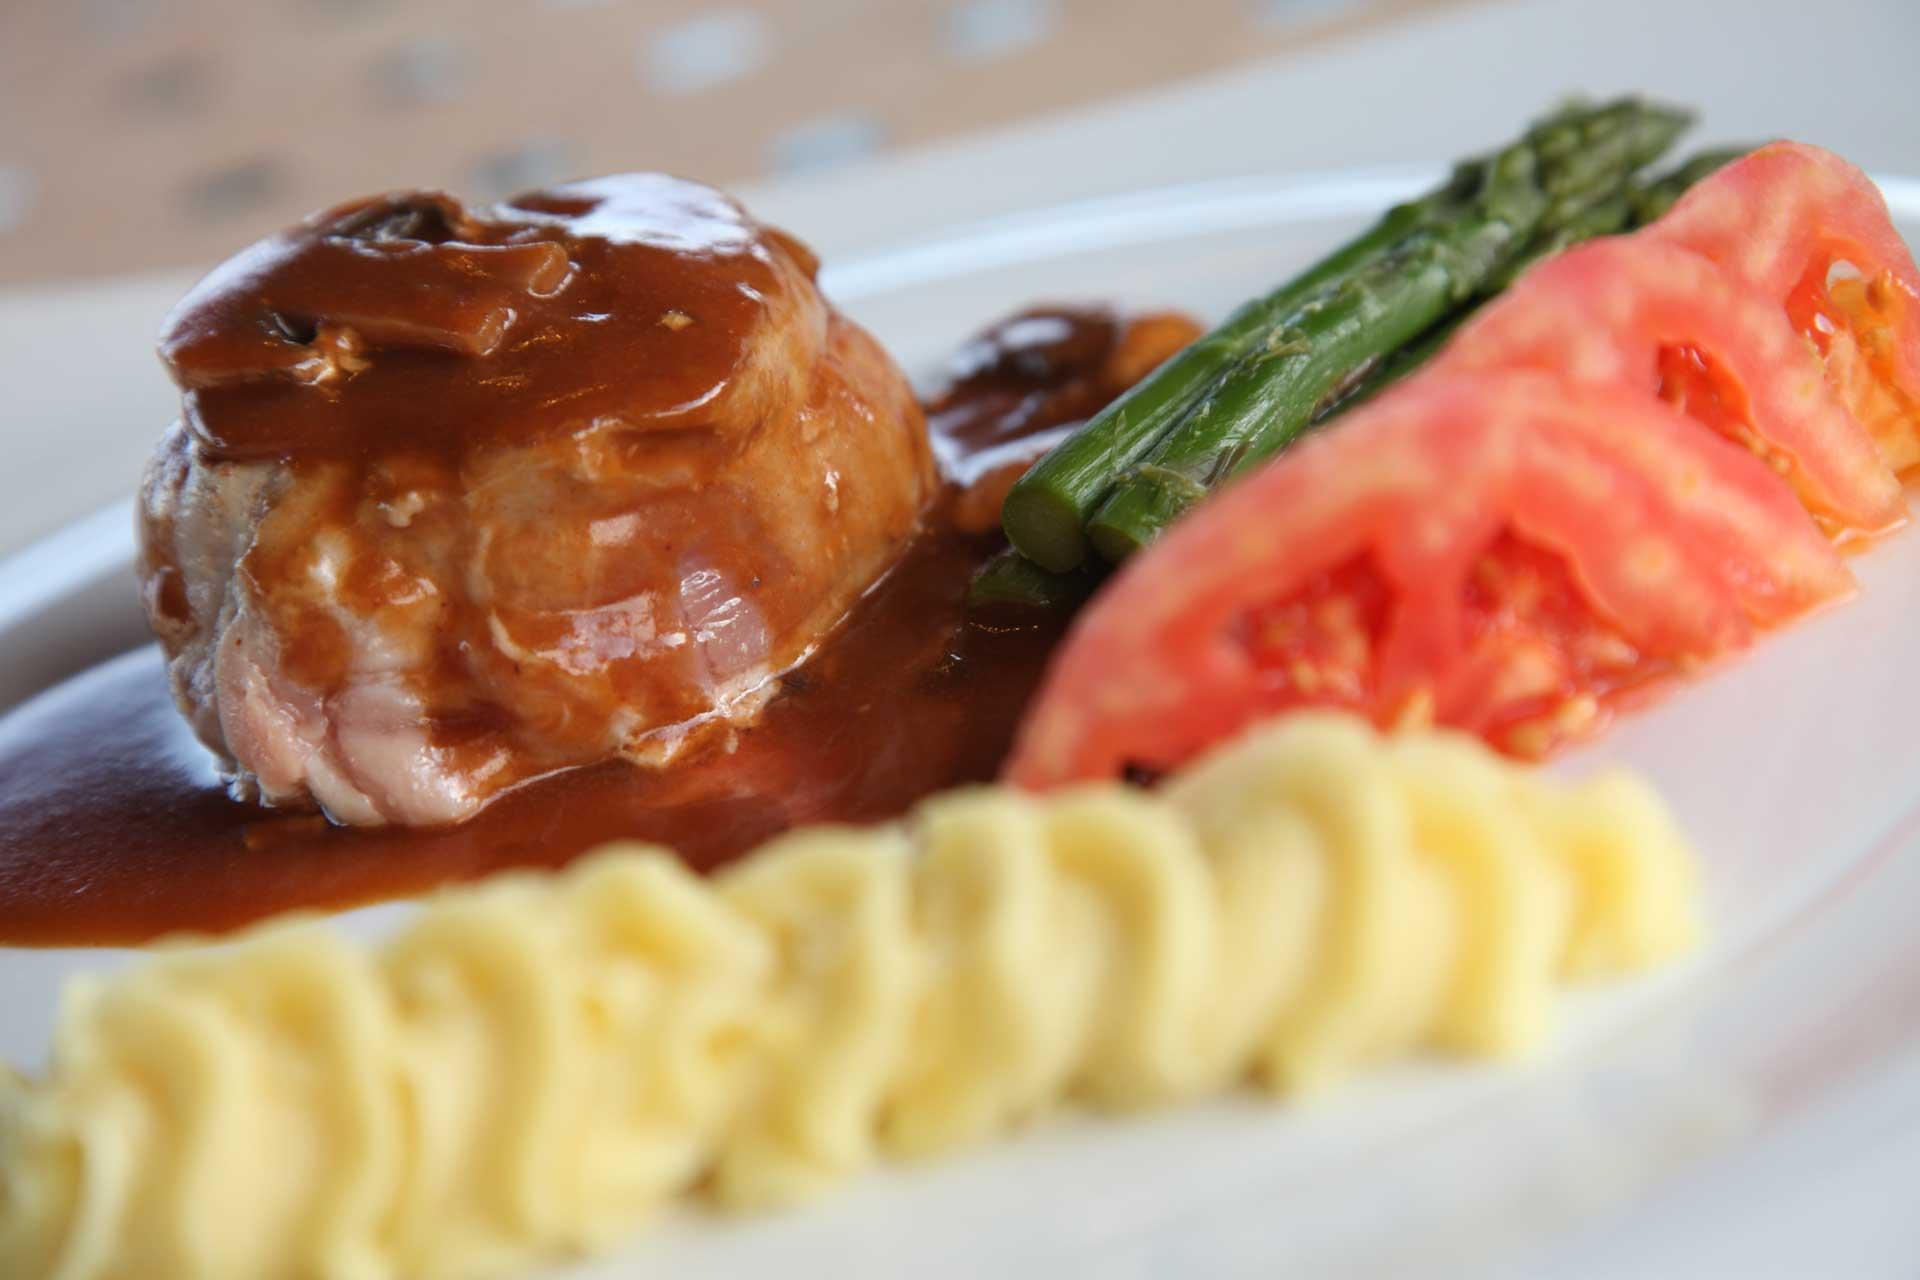 Finca-Hotel Sentido Pula Suites - Mediterranean cuisine